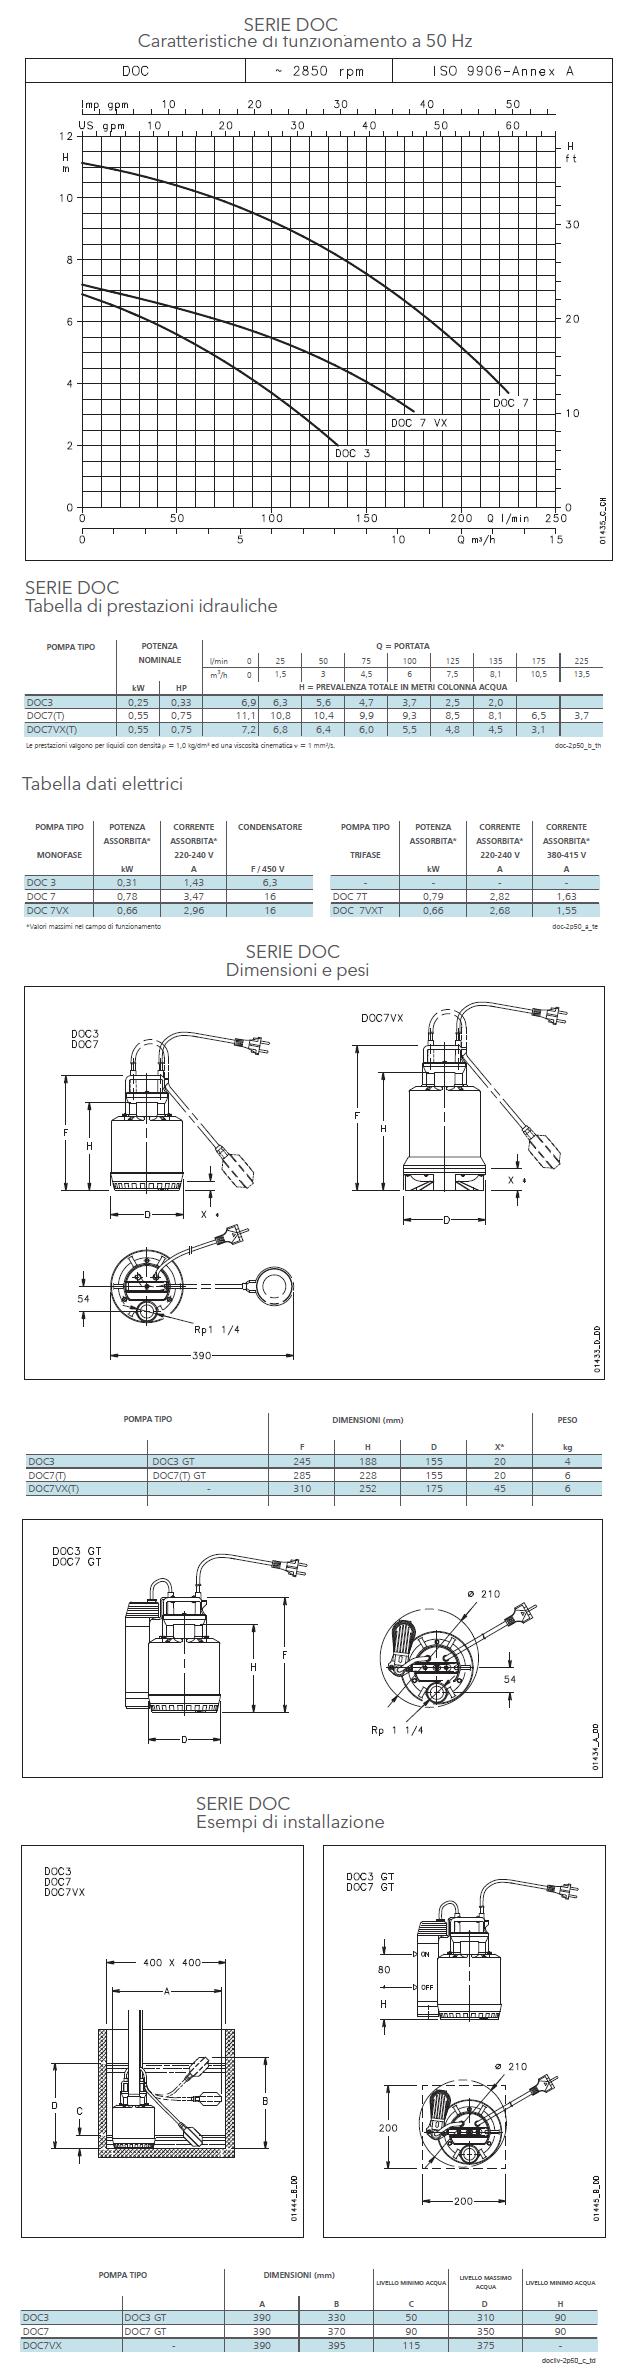 Portate Prevalenze Dimensioni scheda tecnica Pompa Doc 7 elettropompa Lowara